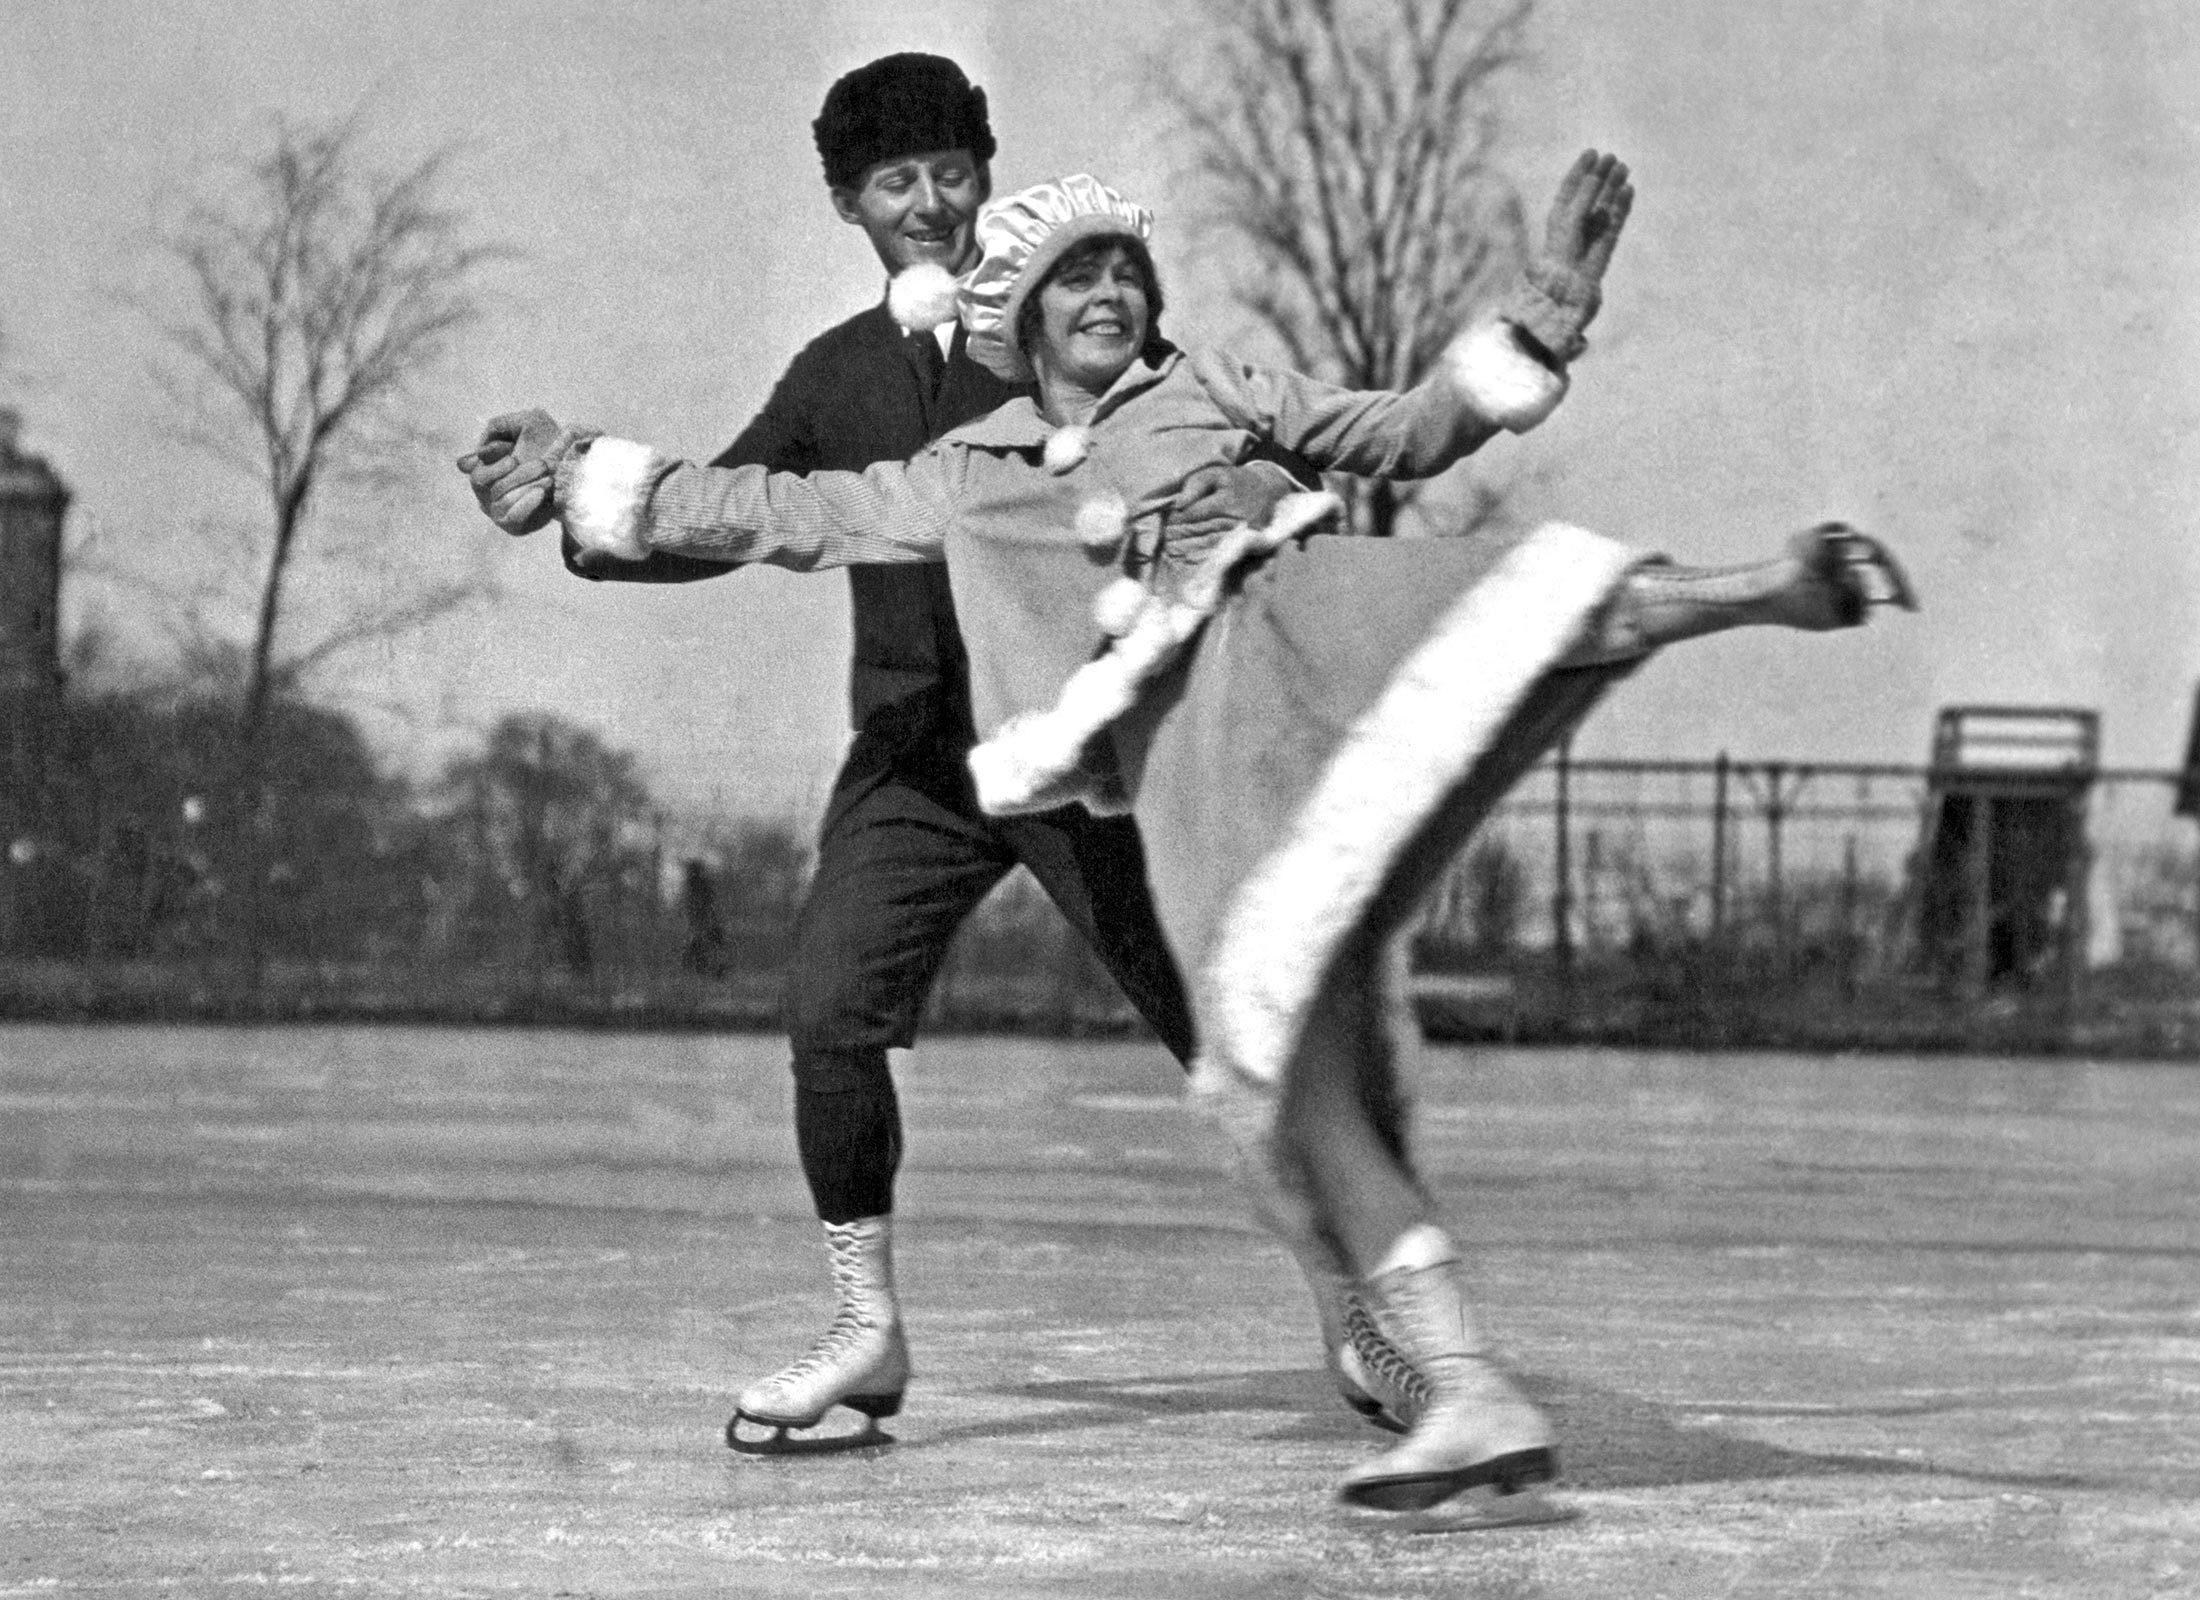 Style on skates